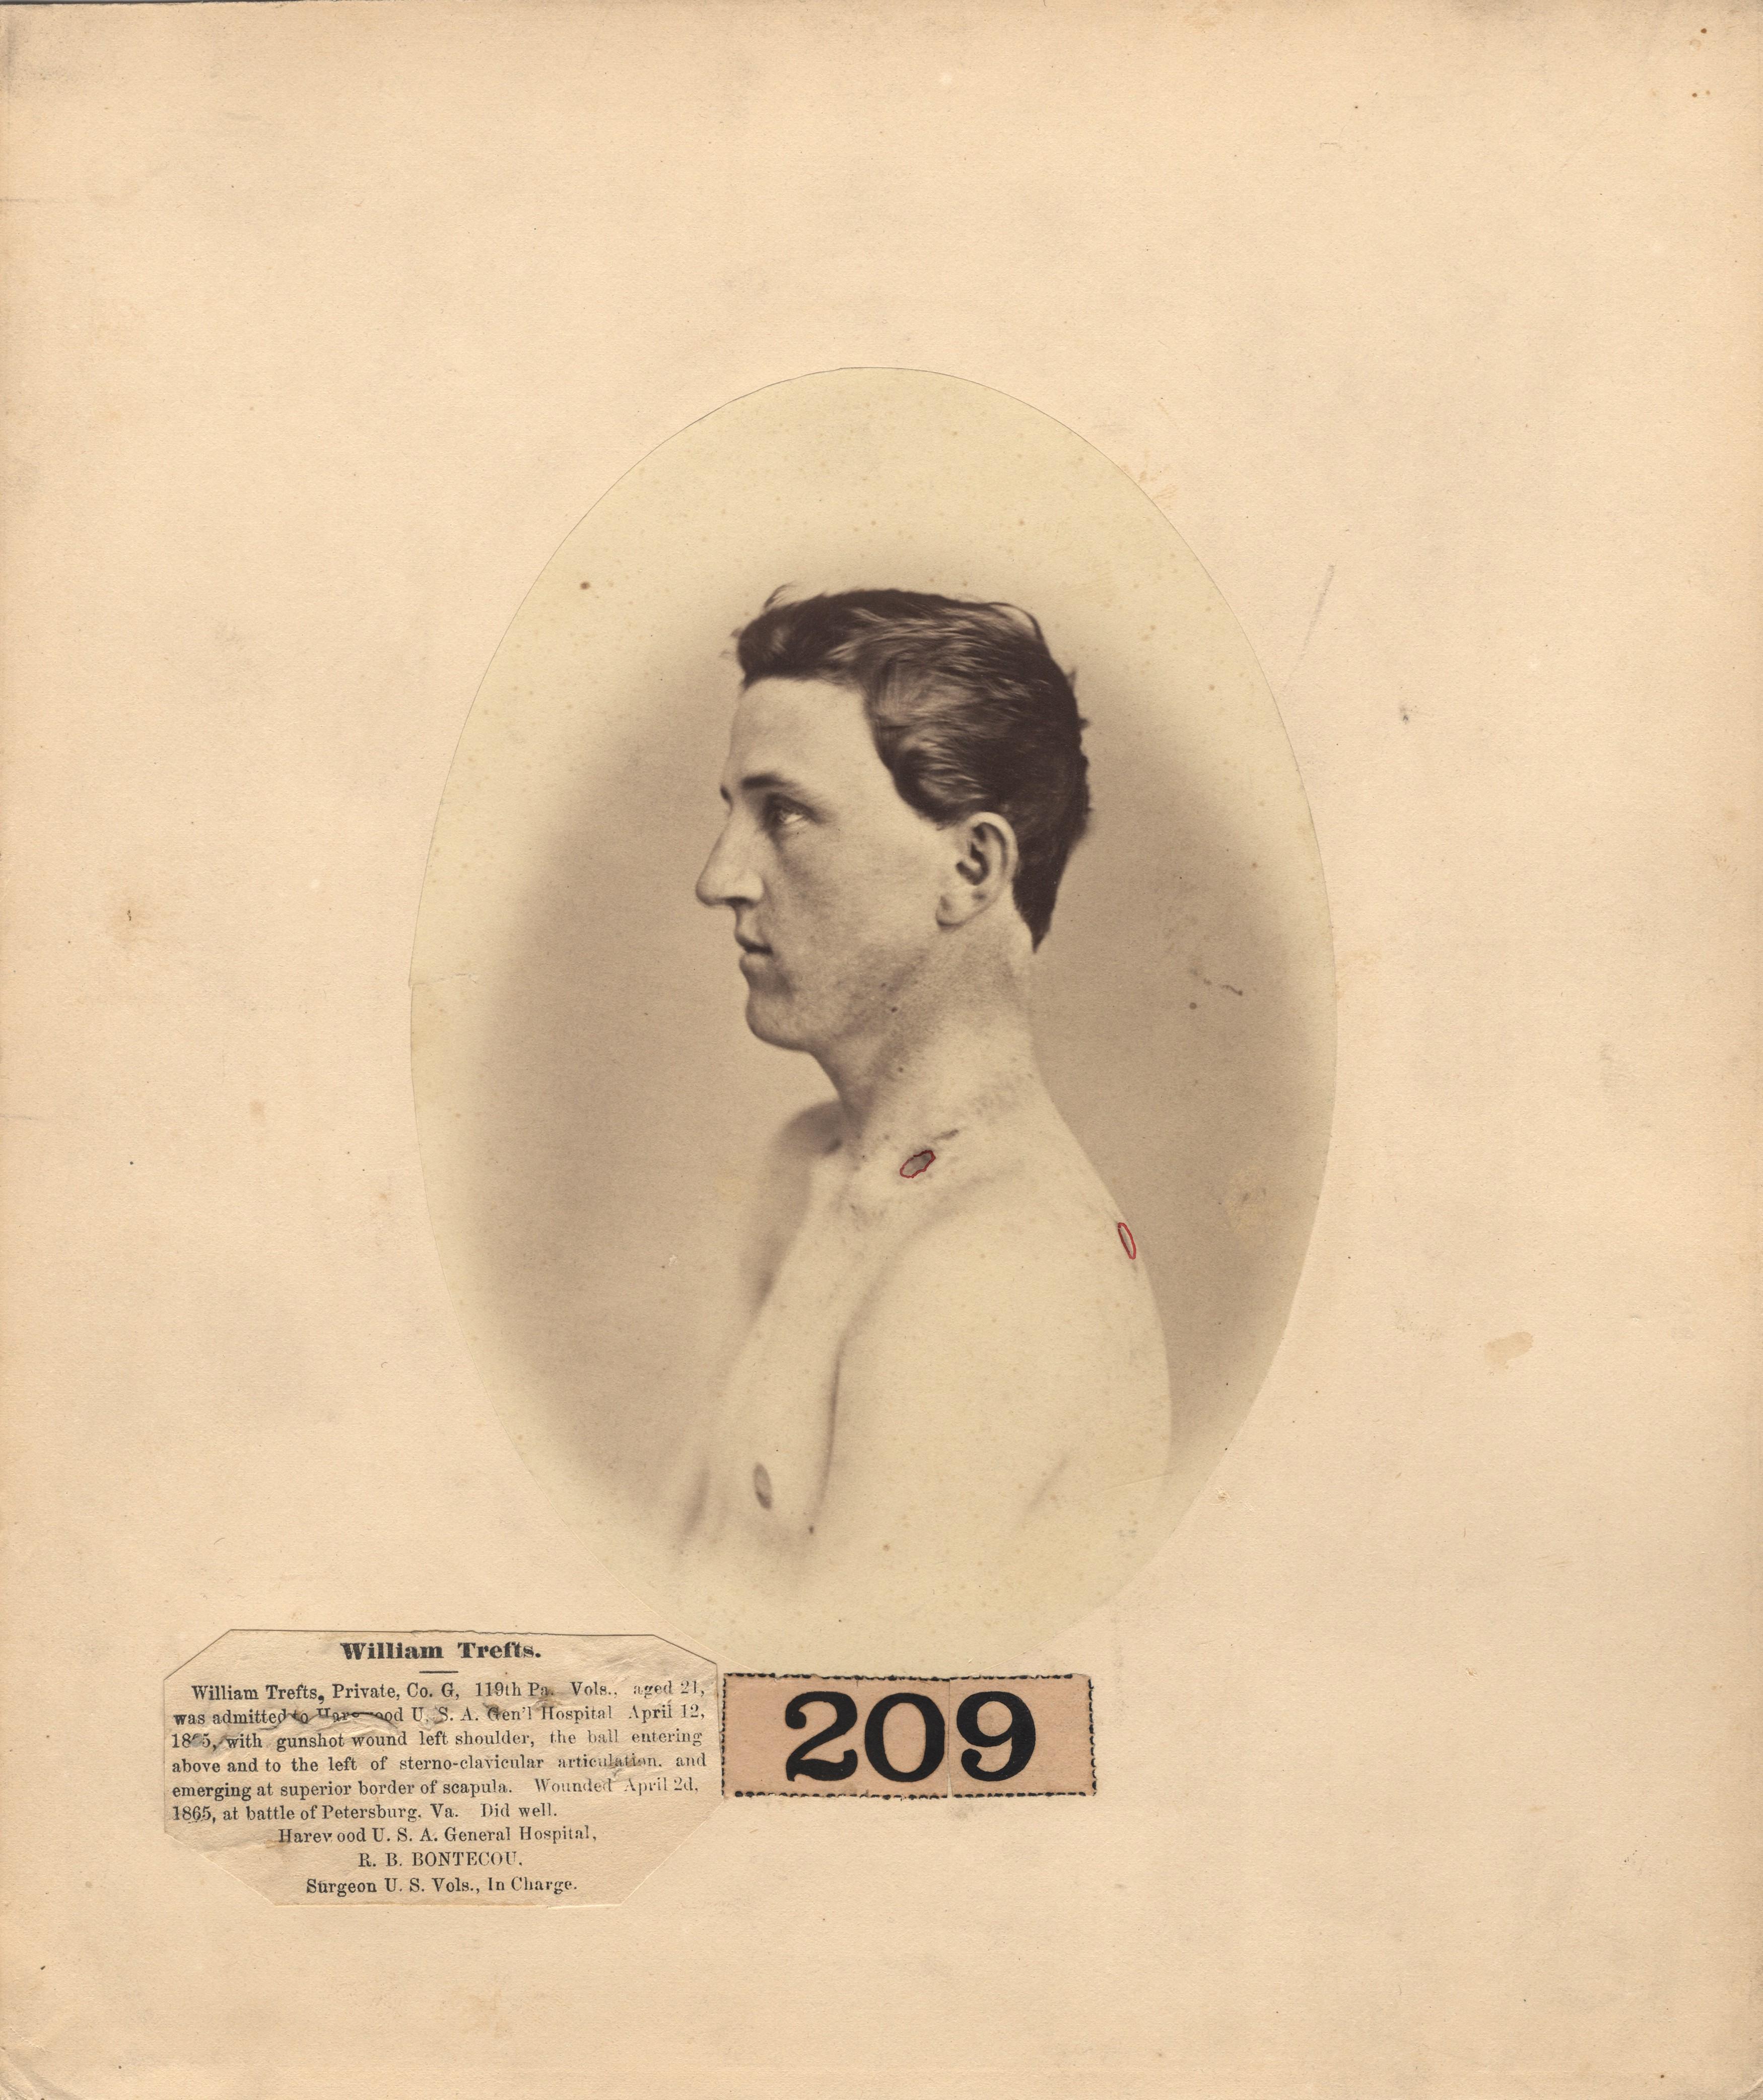 Fotó: Reed B. Bontecou: William Trefts, 21 éves közlegény, aki 1865. április 2-án sebesült meg a Petersburgh-i csatában, The National Library of Medicine